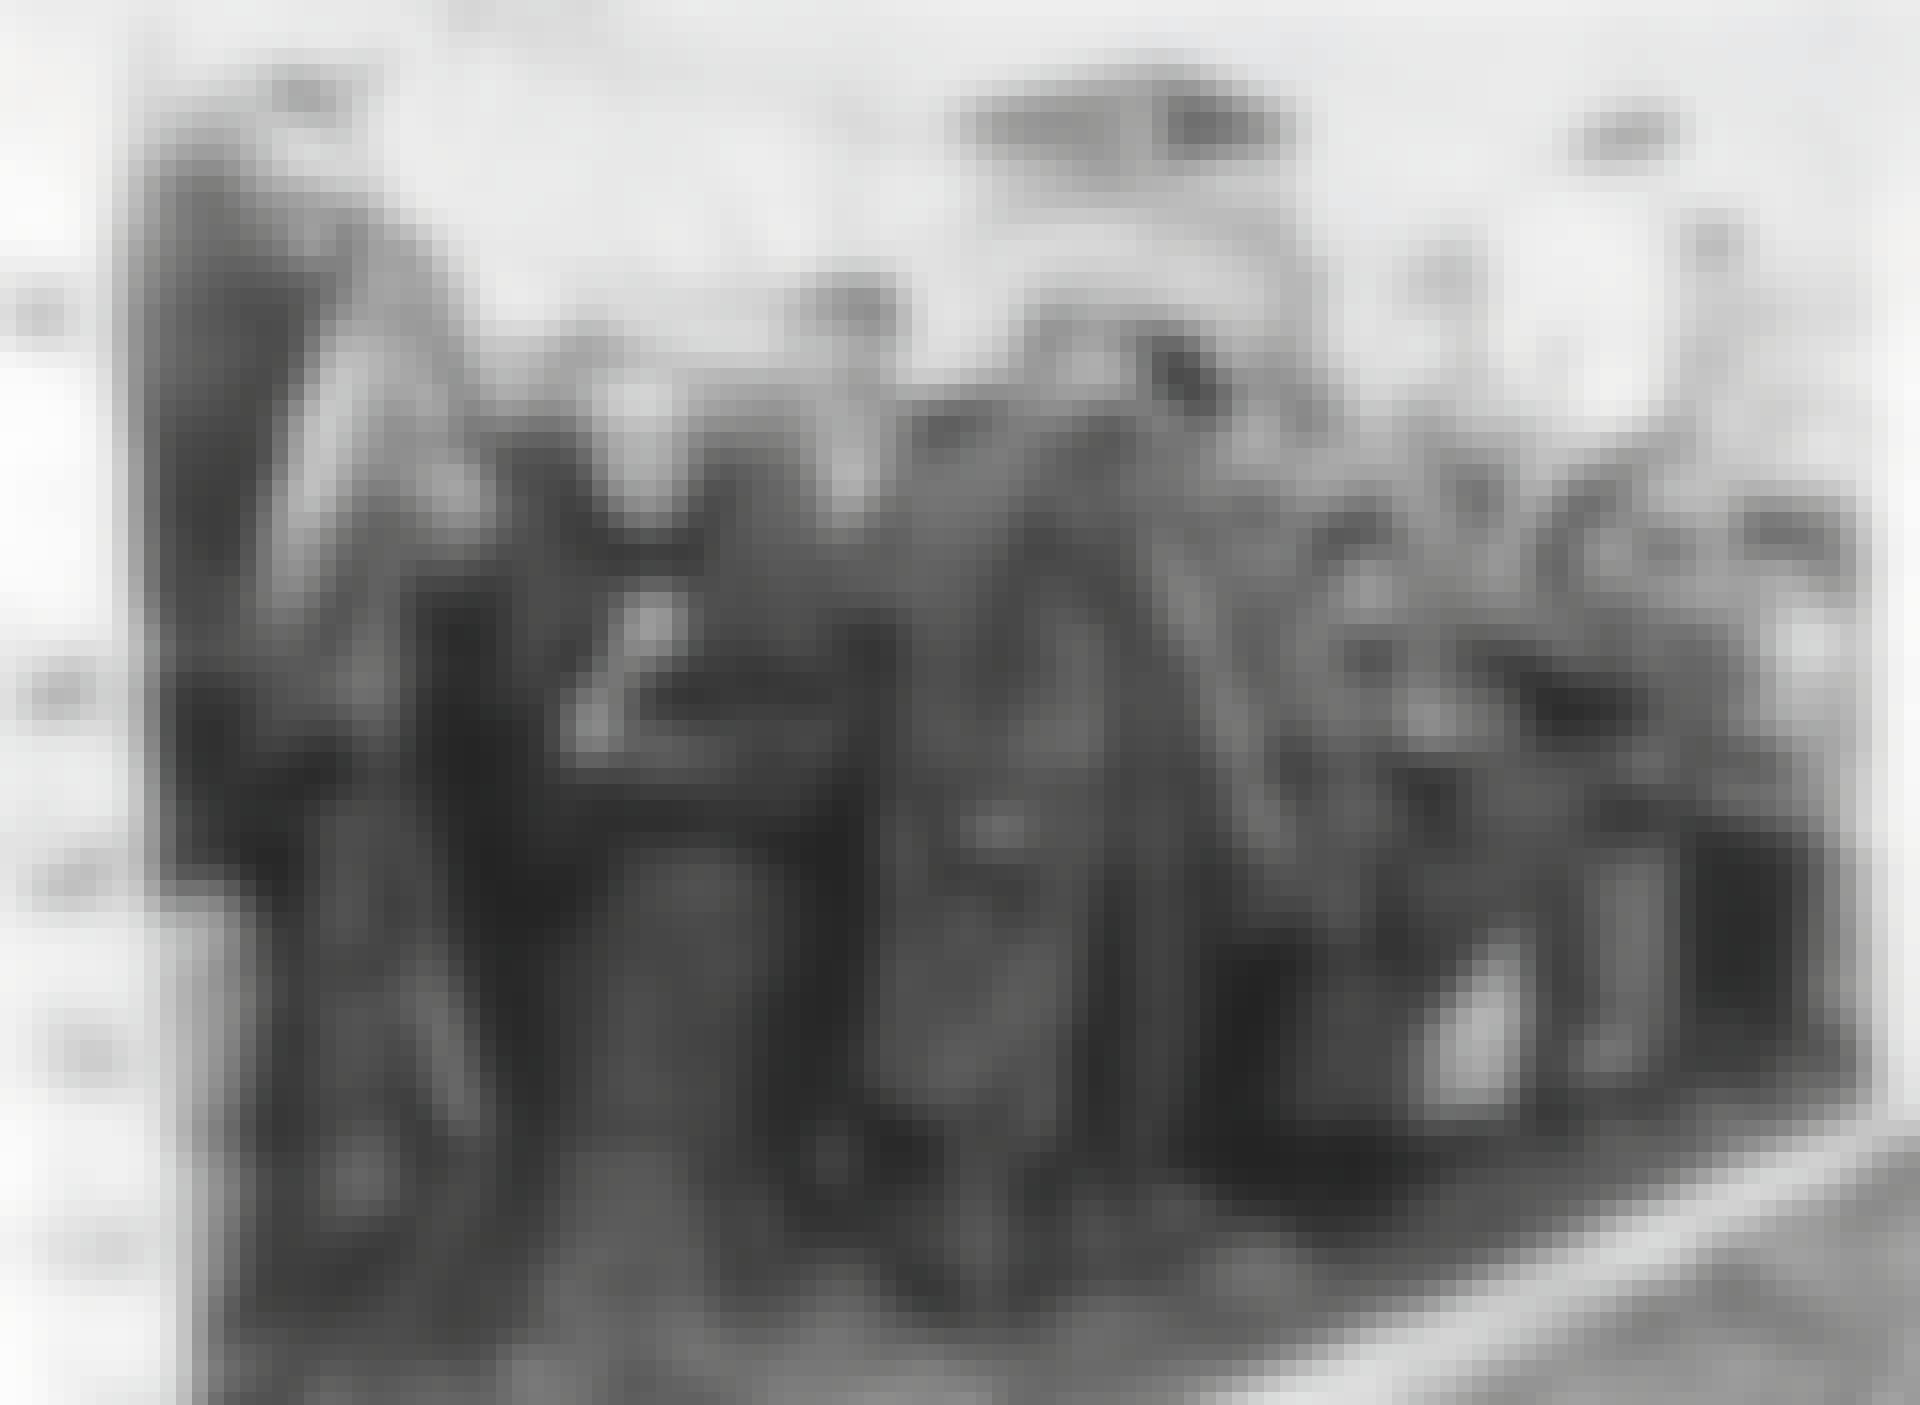 Ryssarna upptäckte Auschwitz-fångar